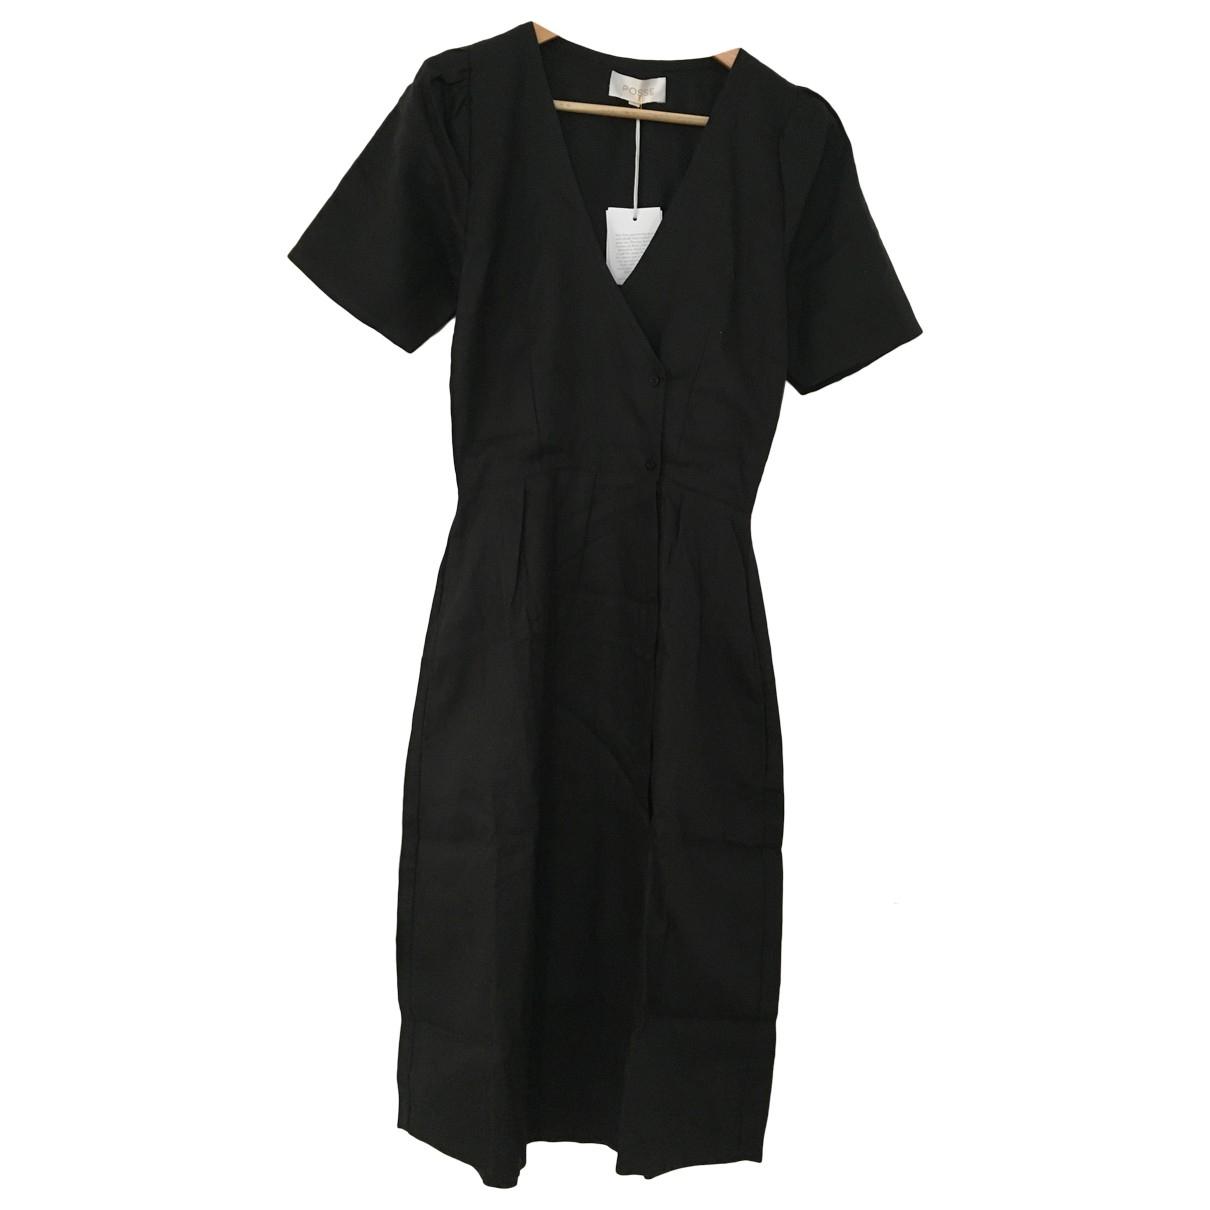 Posse \N Black Linen dress for Women S International